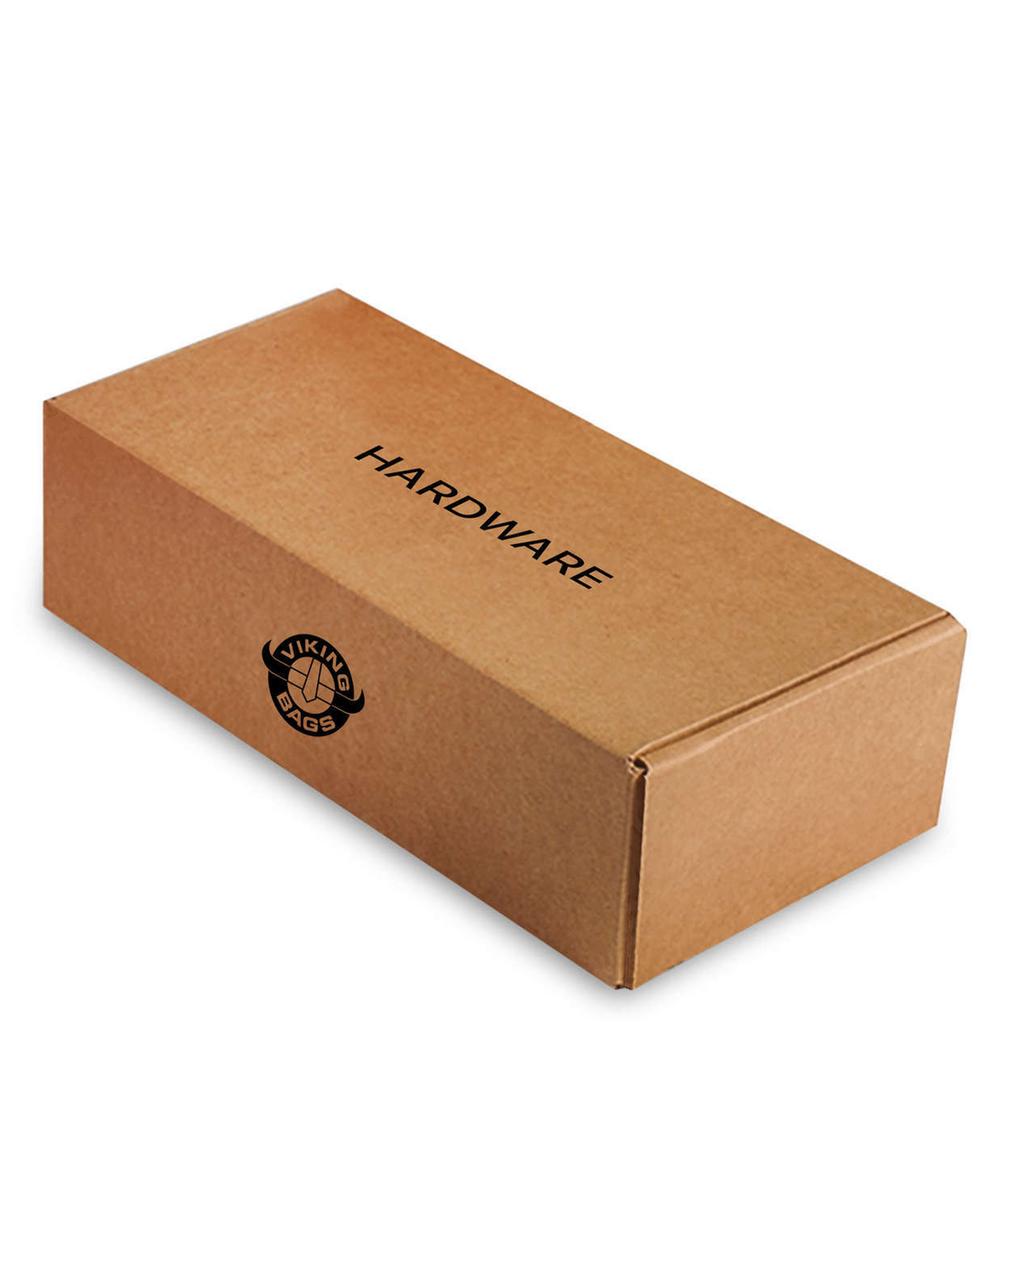 Honda VTX 1800 C Viking Lamellar Leather Covered Shock Cutout Hard Saddlebag box